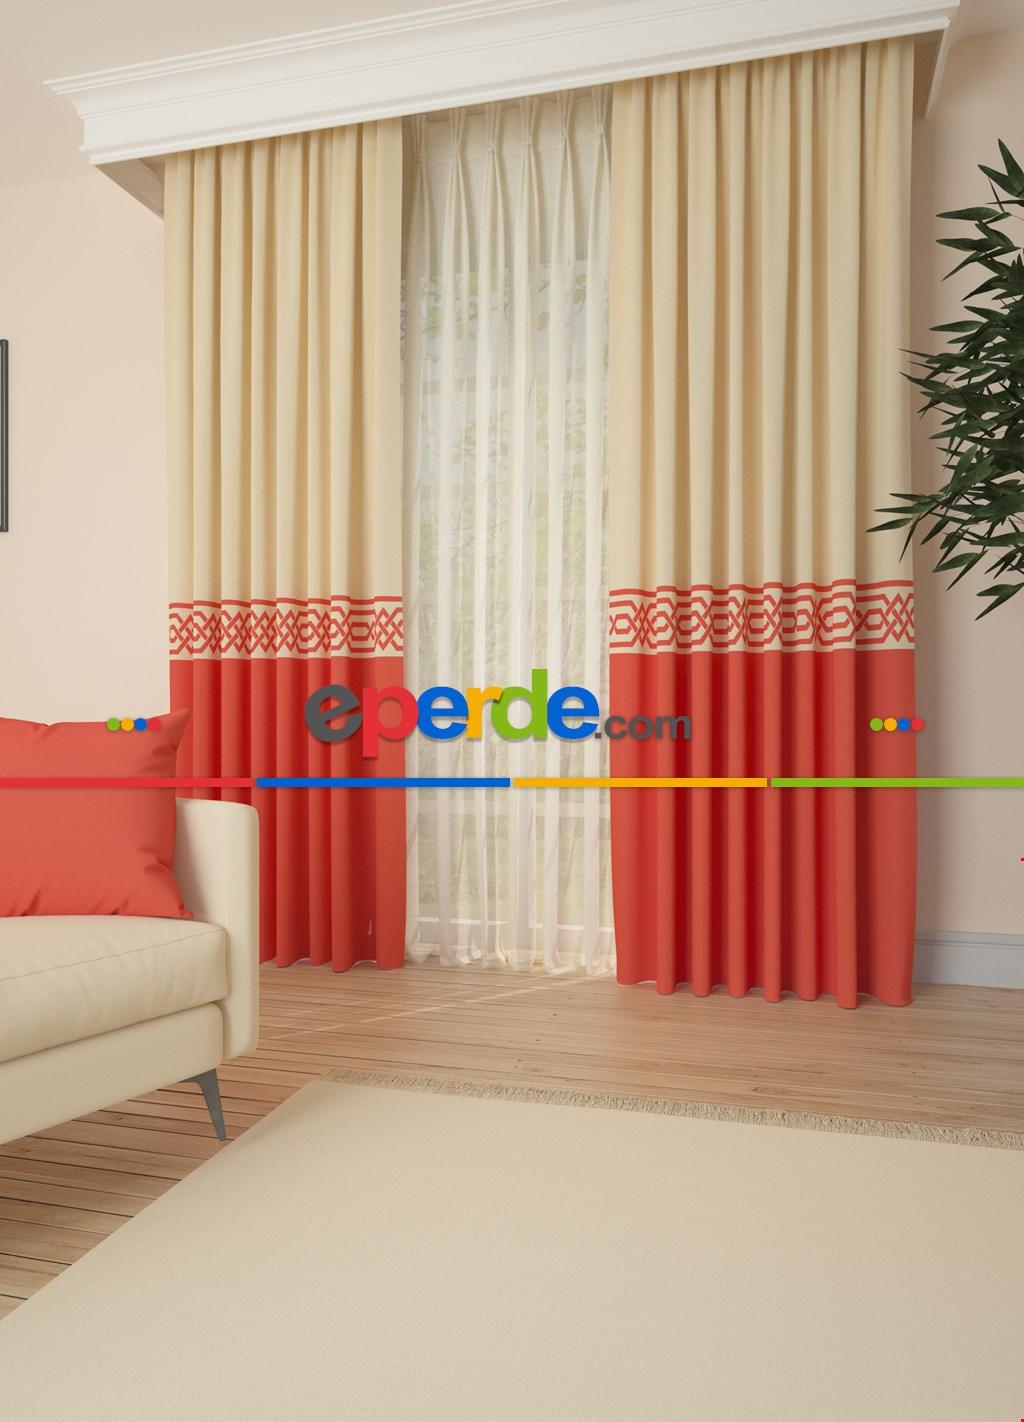 Krem Mercan Kırmızısı Bordürlü Pano Fon Perde 1. Kalite Çok Dökümlü - Salon - Yatak Odası - Oturma Odası